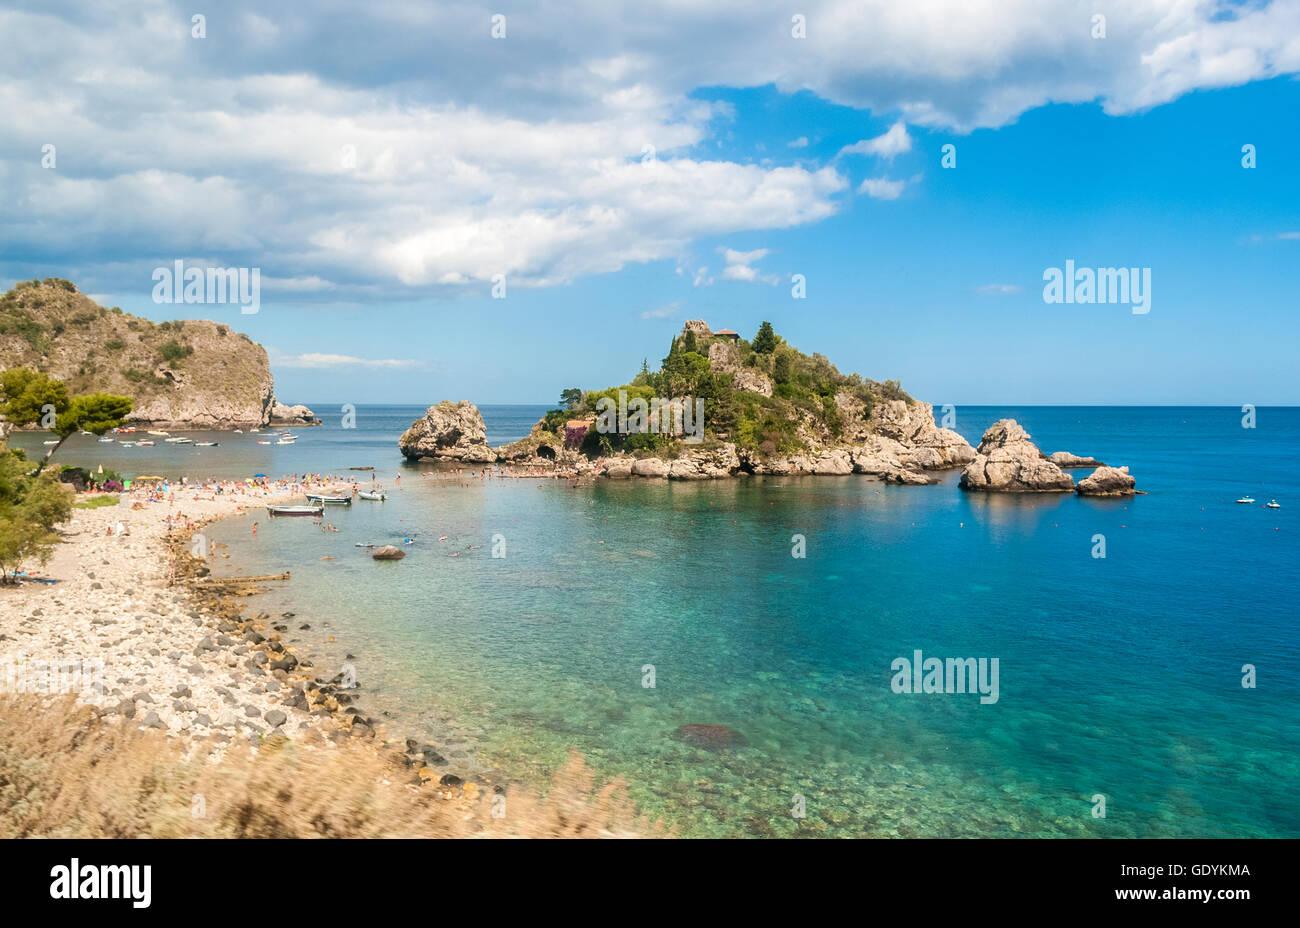 Isola Bella, a Taormina (Sicilia), durante l'estate Immagini Stock